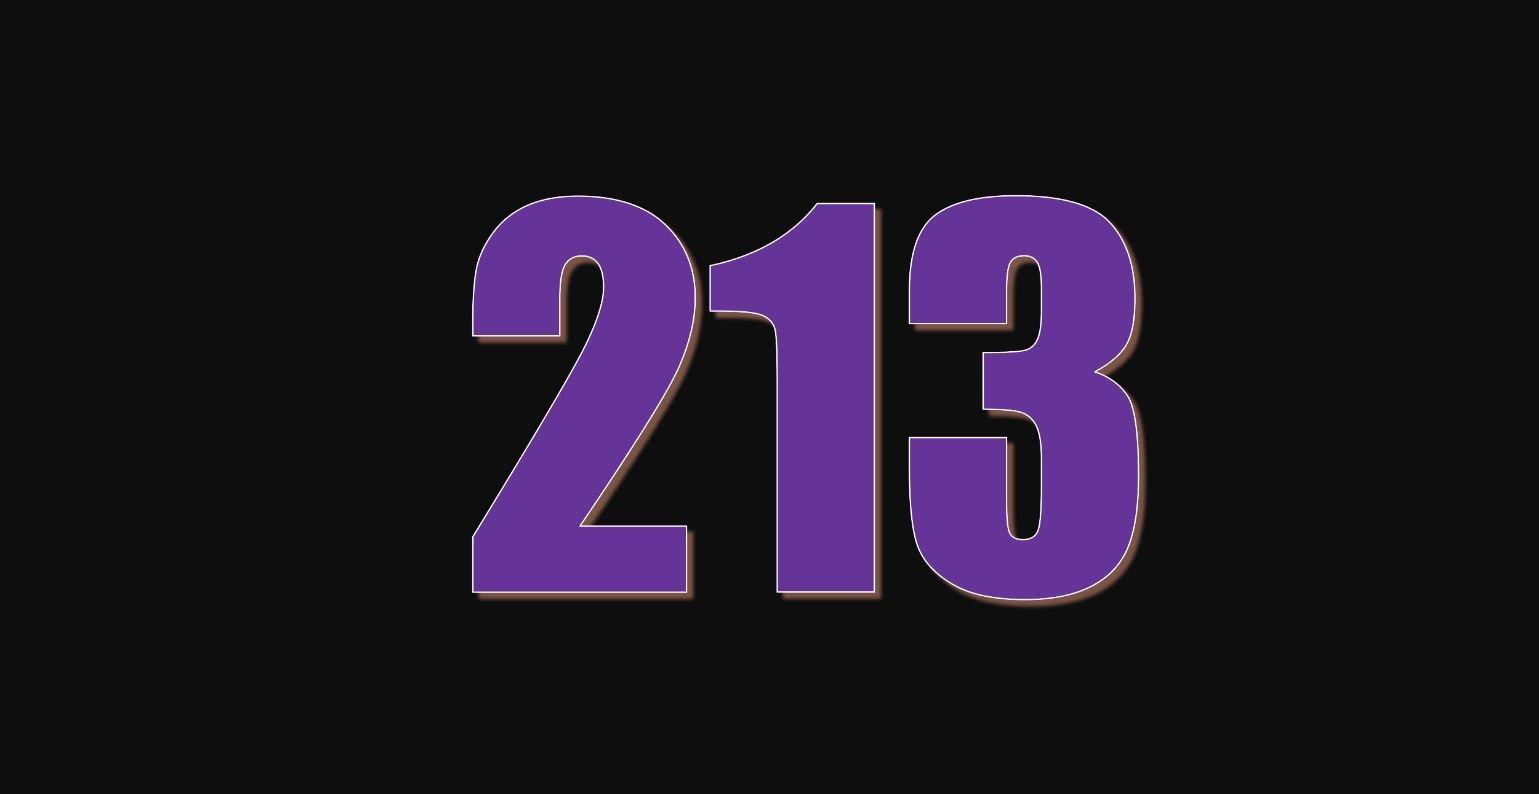 Significado del número 213